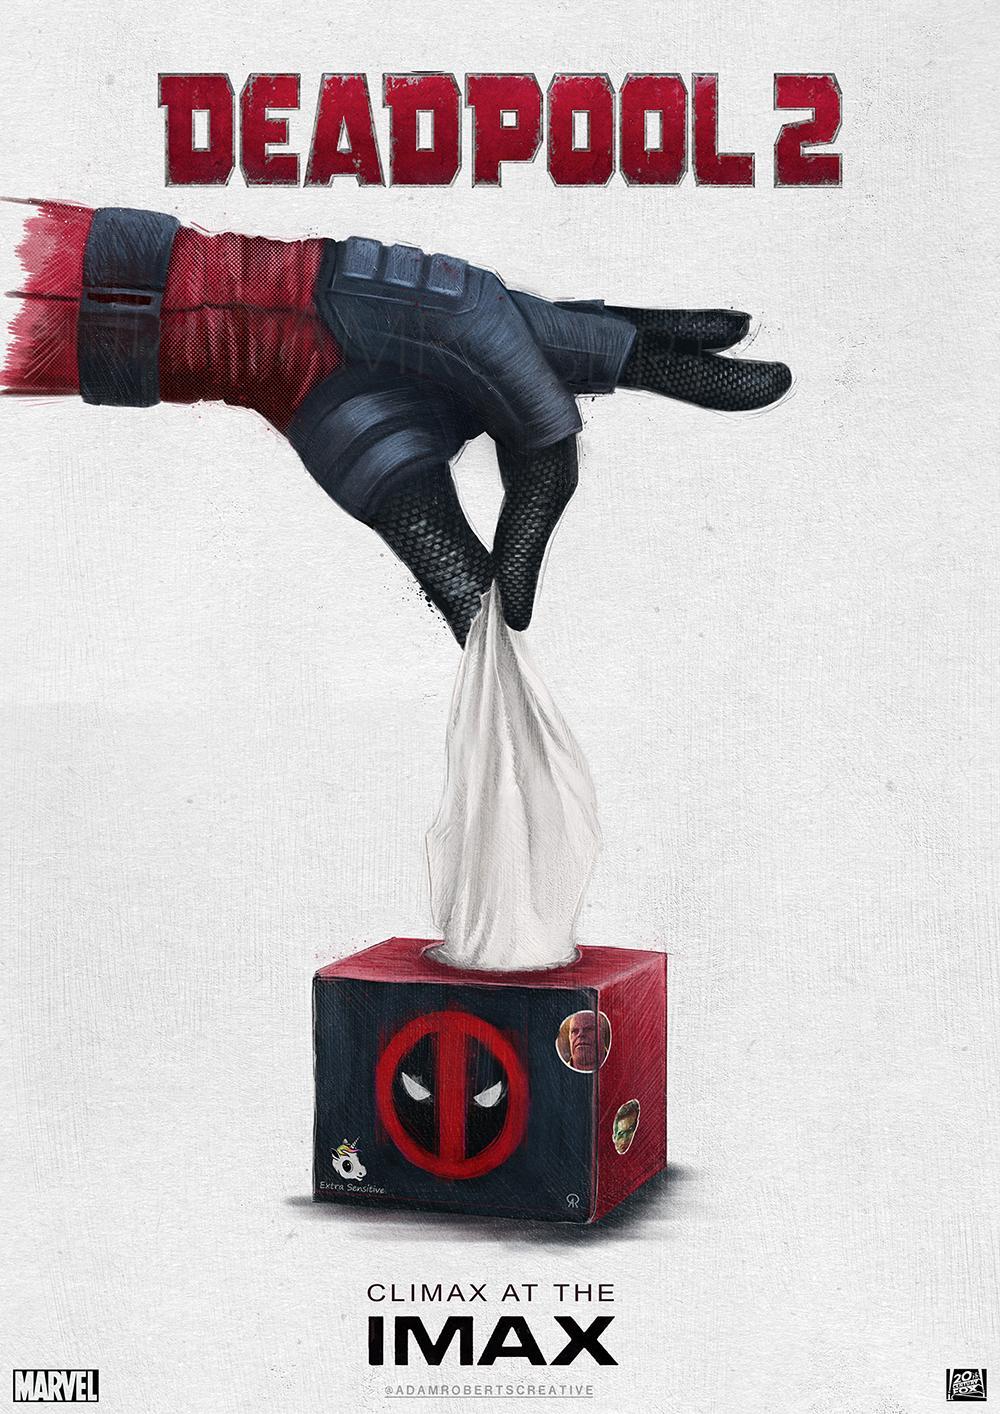 new illustrative deadpool 2 movie